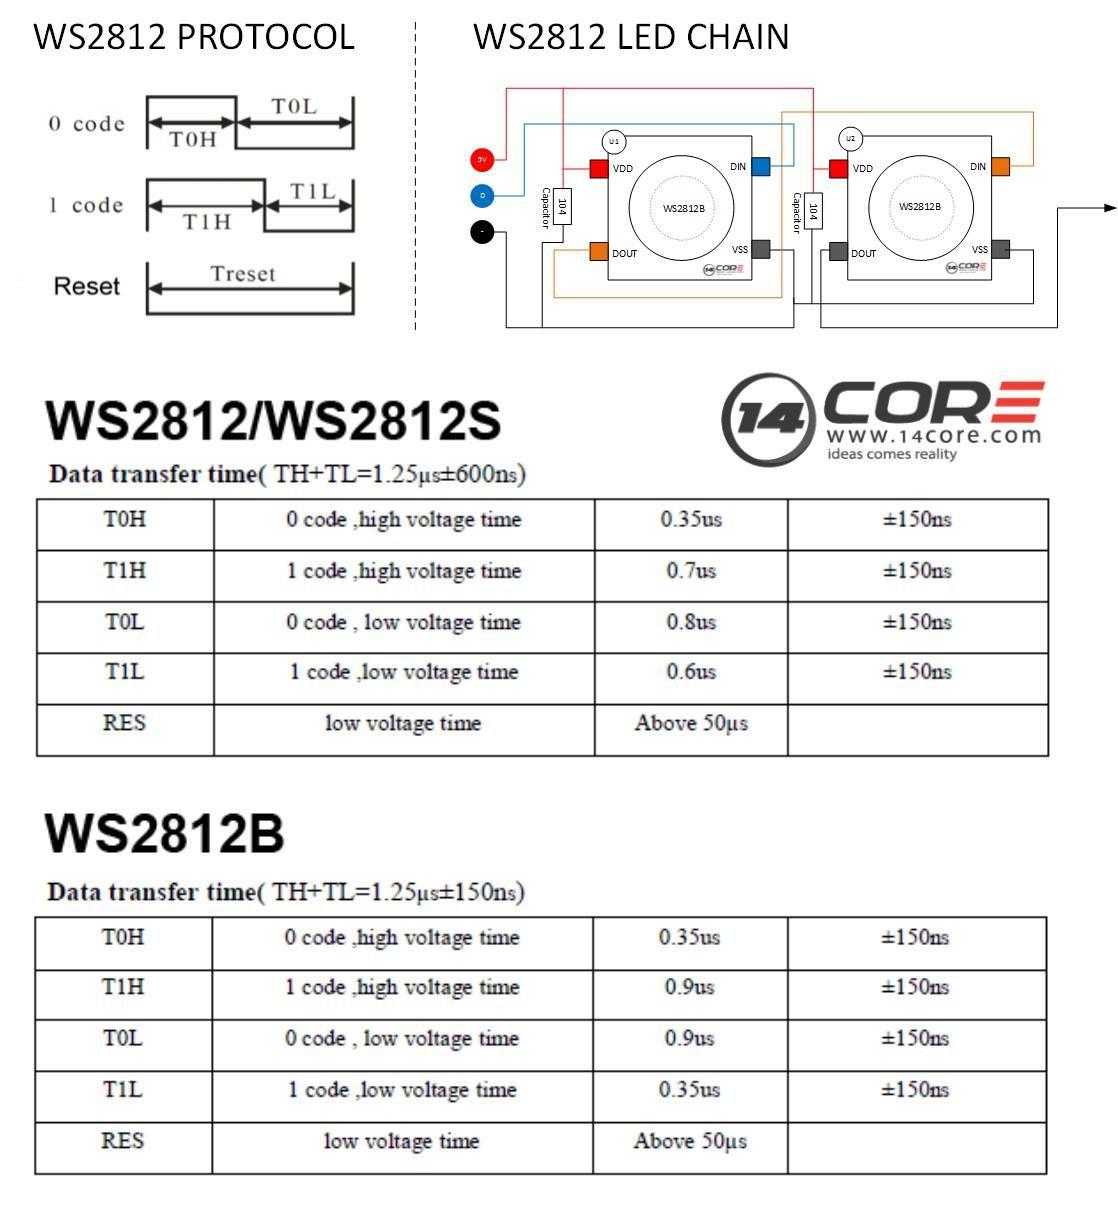 Pin Di Ws2812